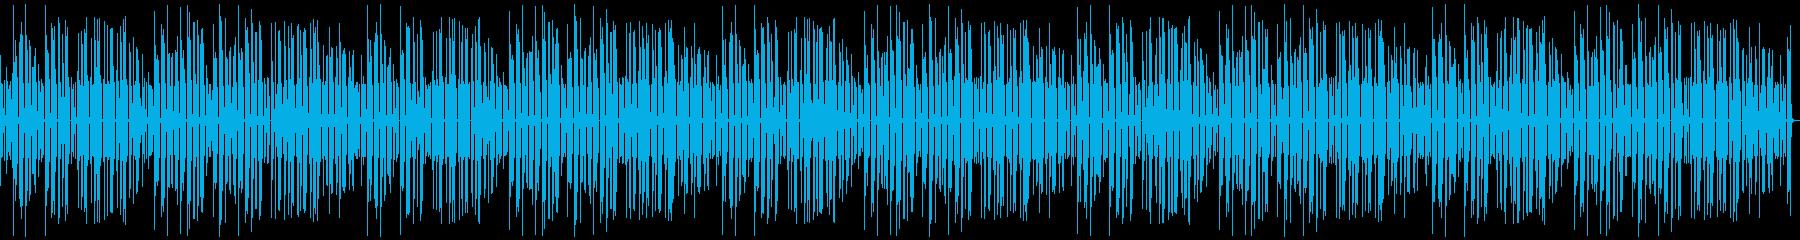 ゆるっとほのぼの日常、素朴な音色、10分の再生済みの波形